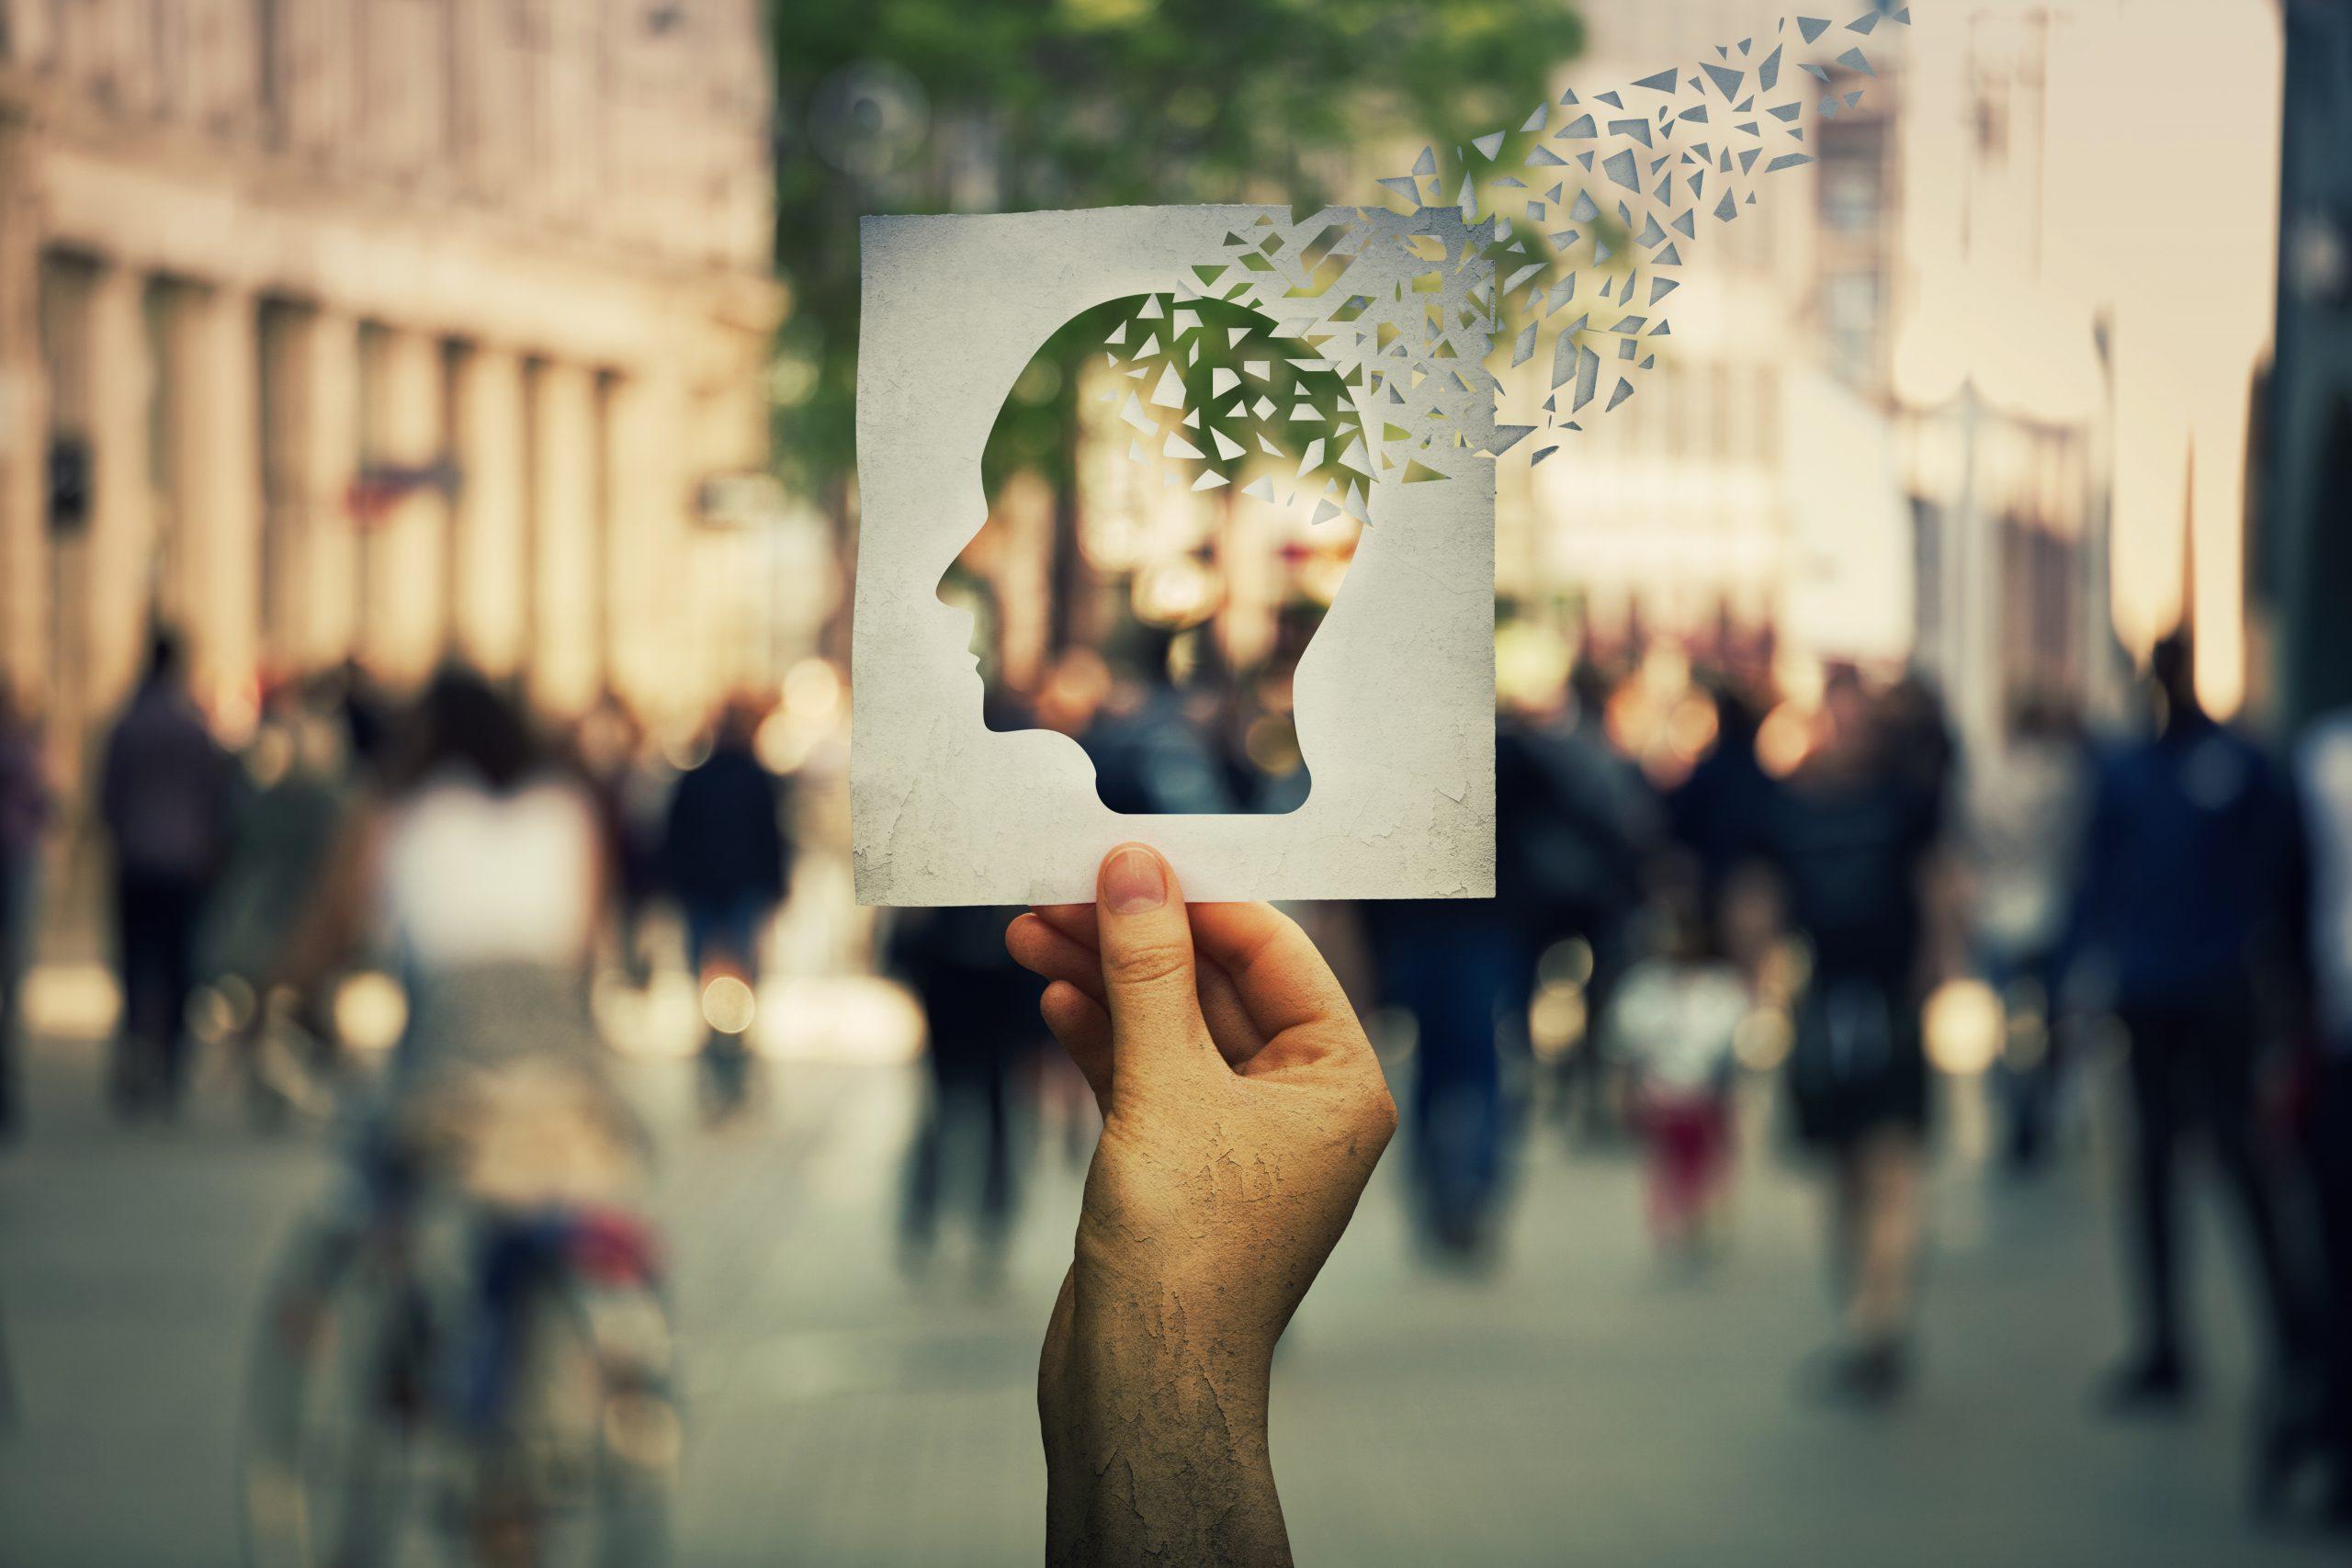 Dia nacional dos direitos fundamentais da pessoa com transtornos mentais